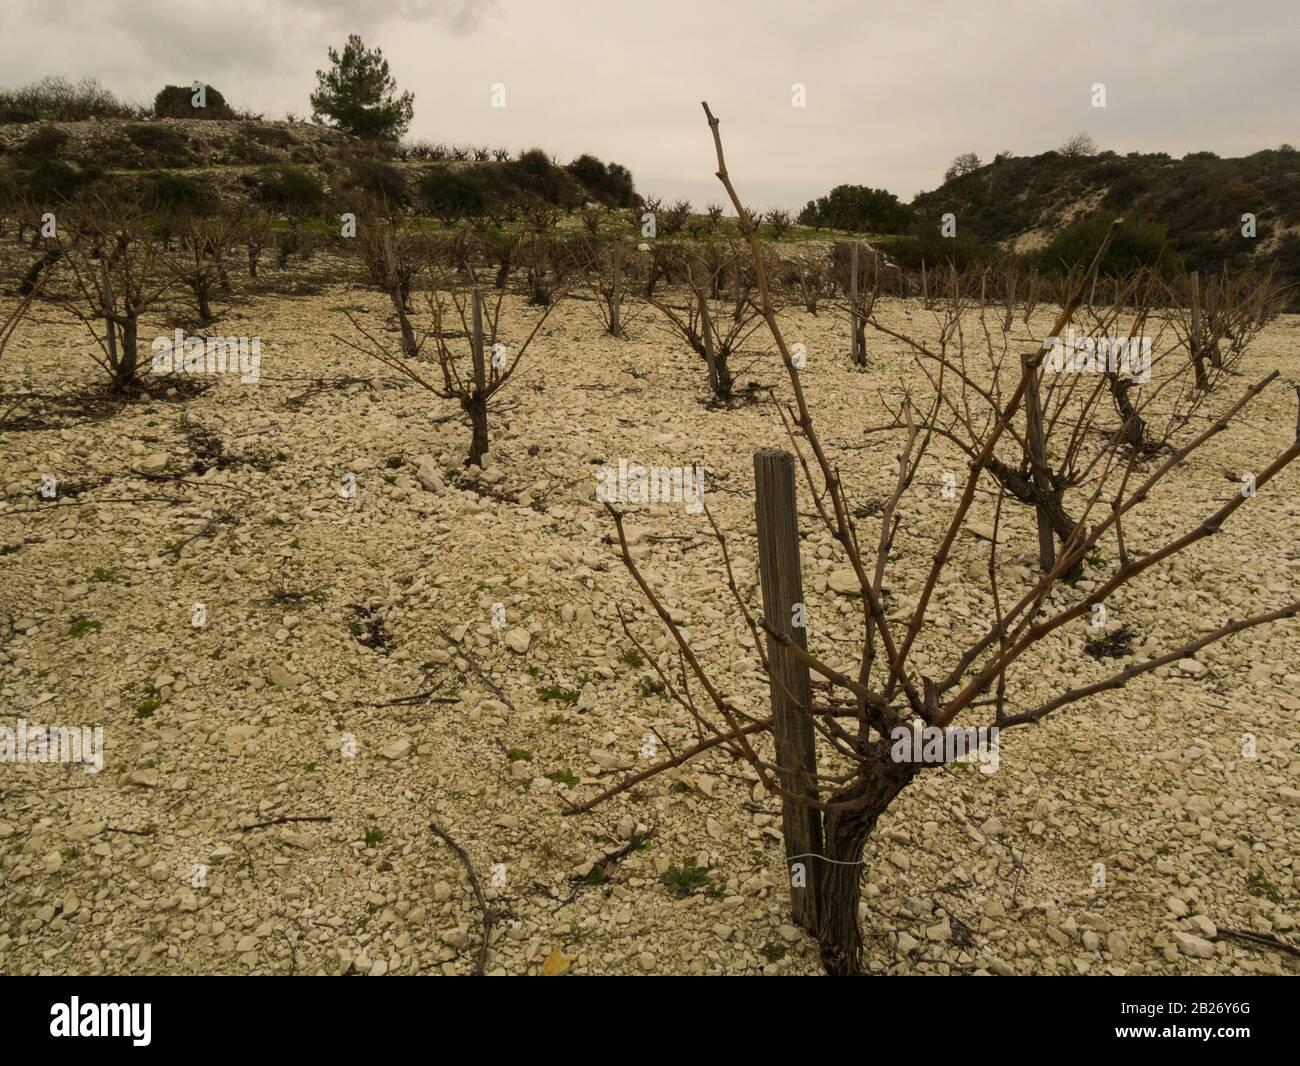 Vigneti nel vigneto della cantina Kimo Gerolemo di Omodos Cipro, che produce una selezione di uve premiate per i vini bianchi rossi e rosati e dolci Foto Stock